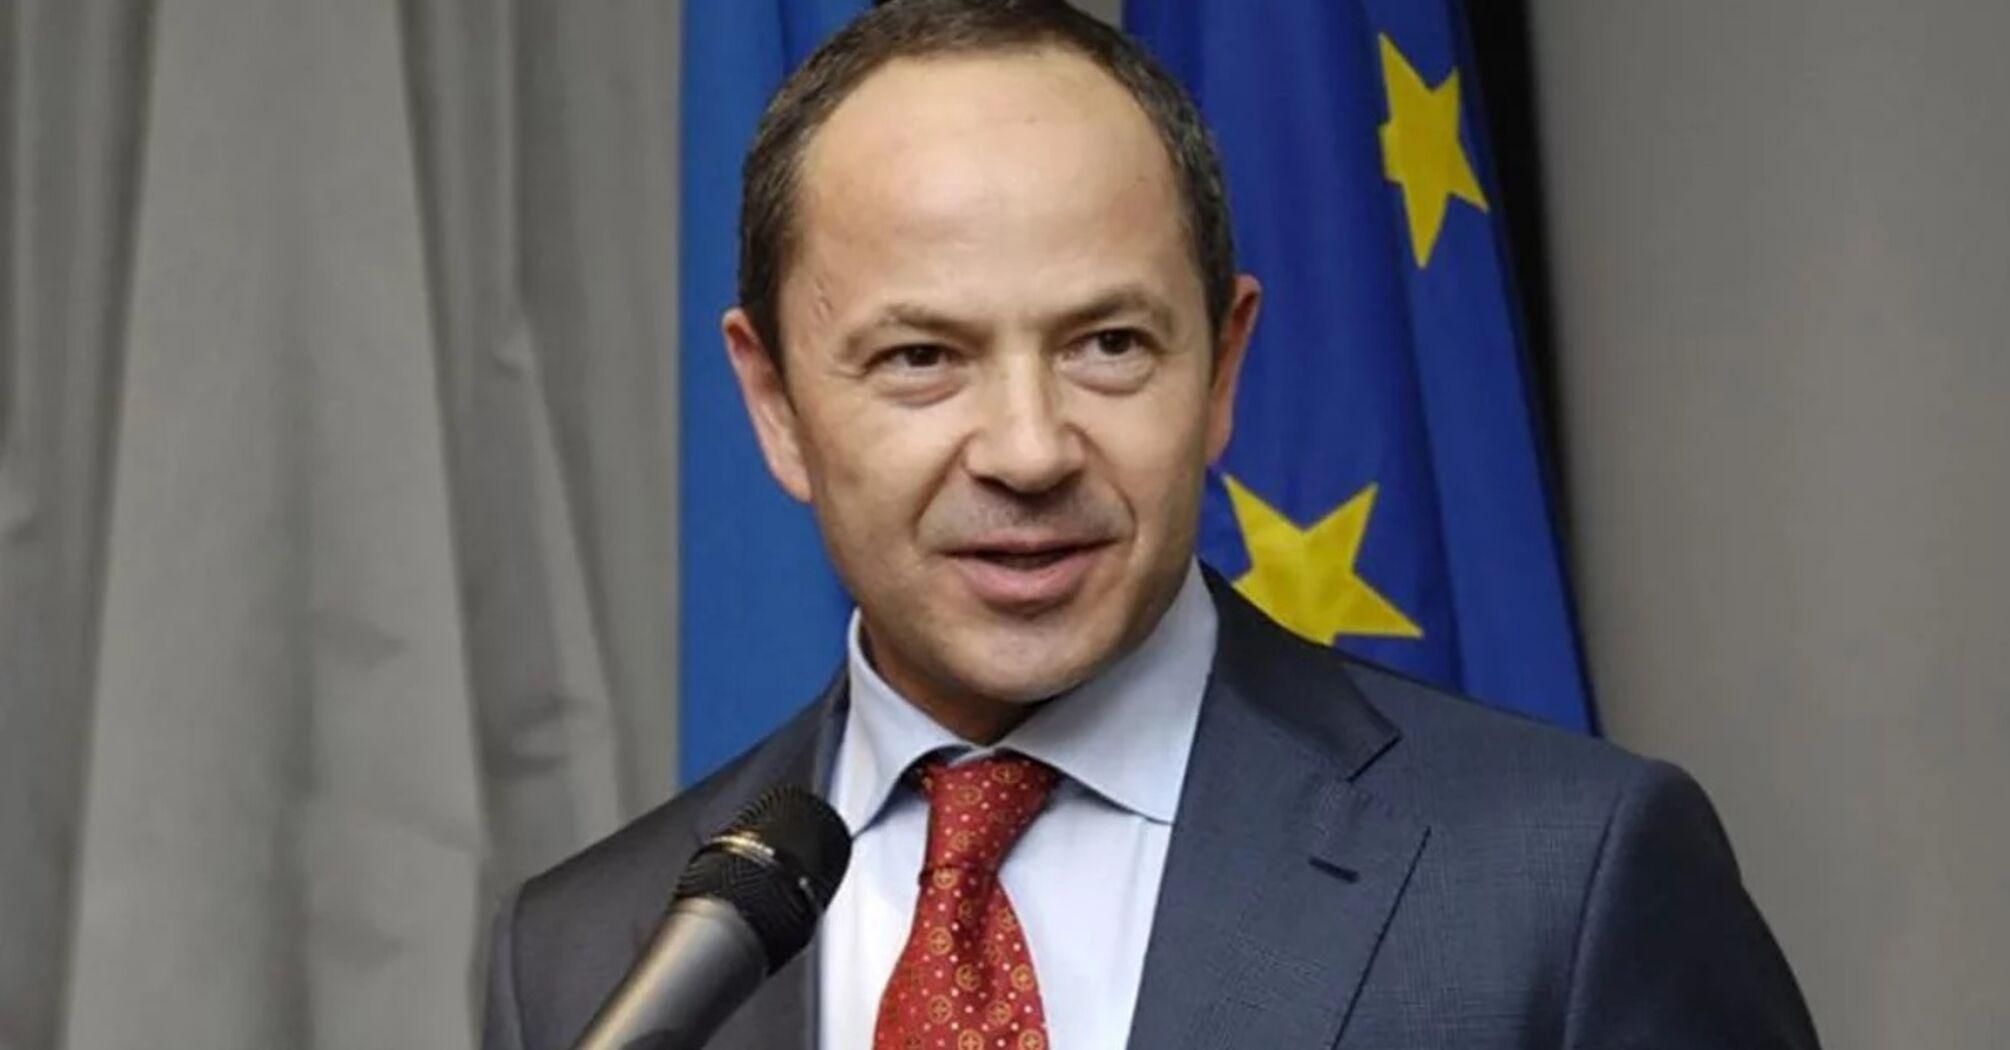 УП: Тигипко – будущий премьер-министр, однако Зеленский может сделать ставку на Авакова